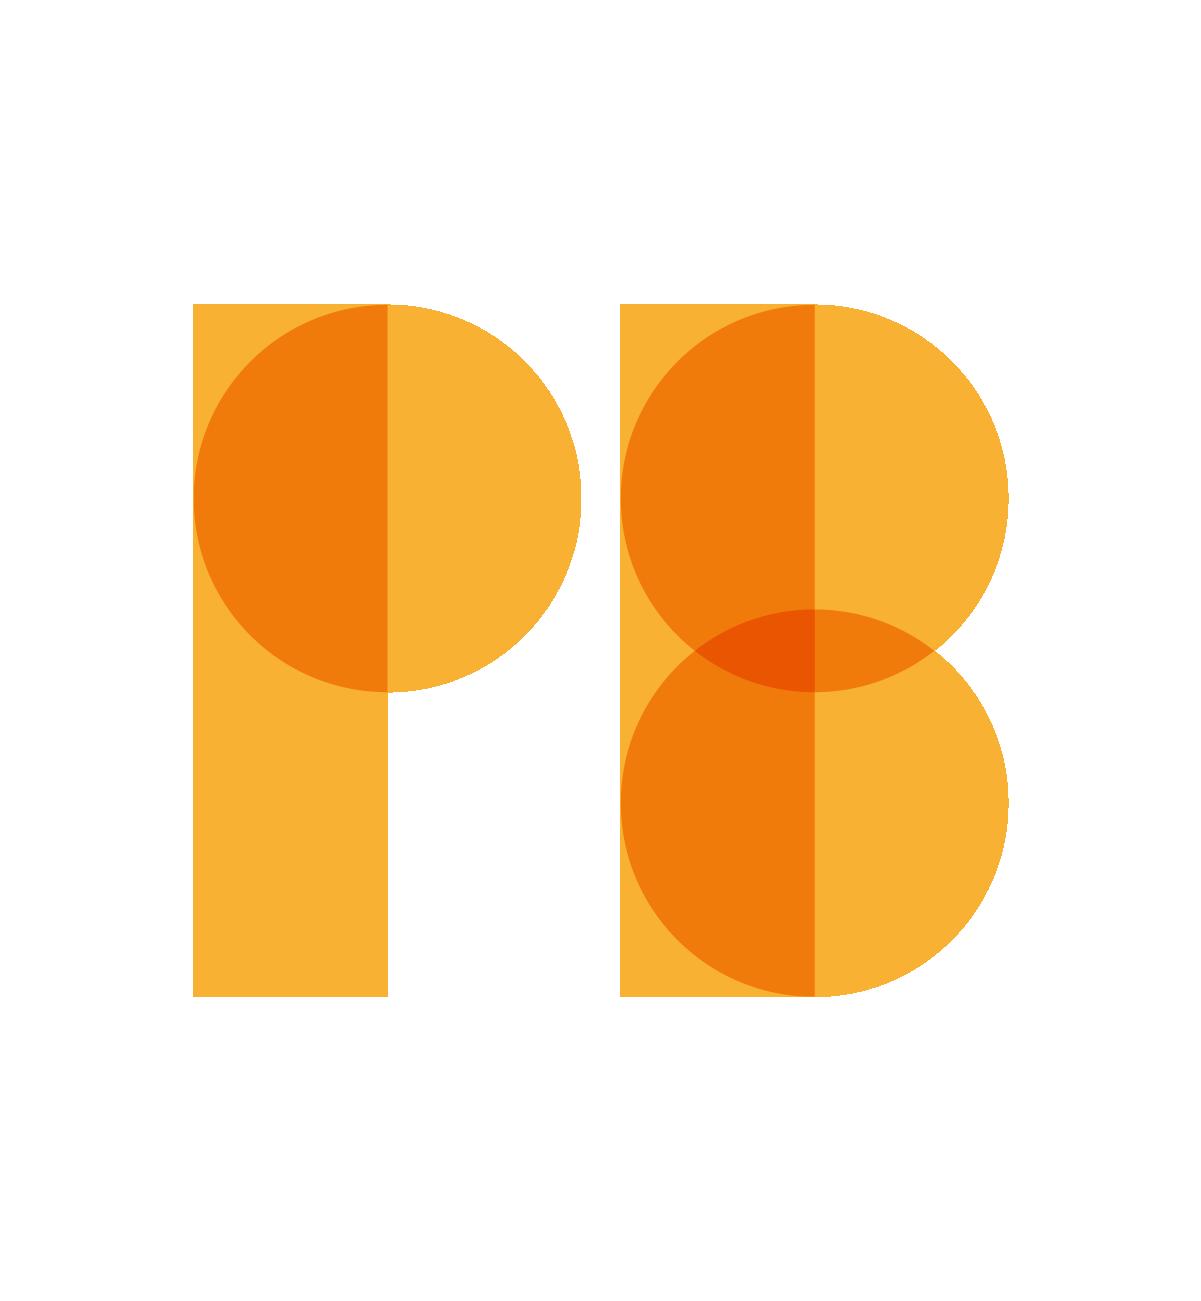 Petillbio-PBP-rhubarbe